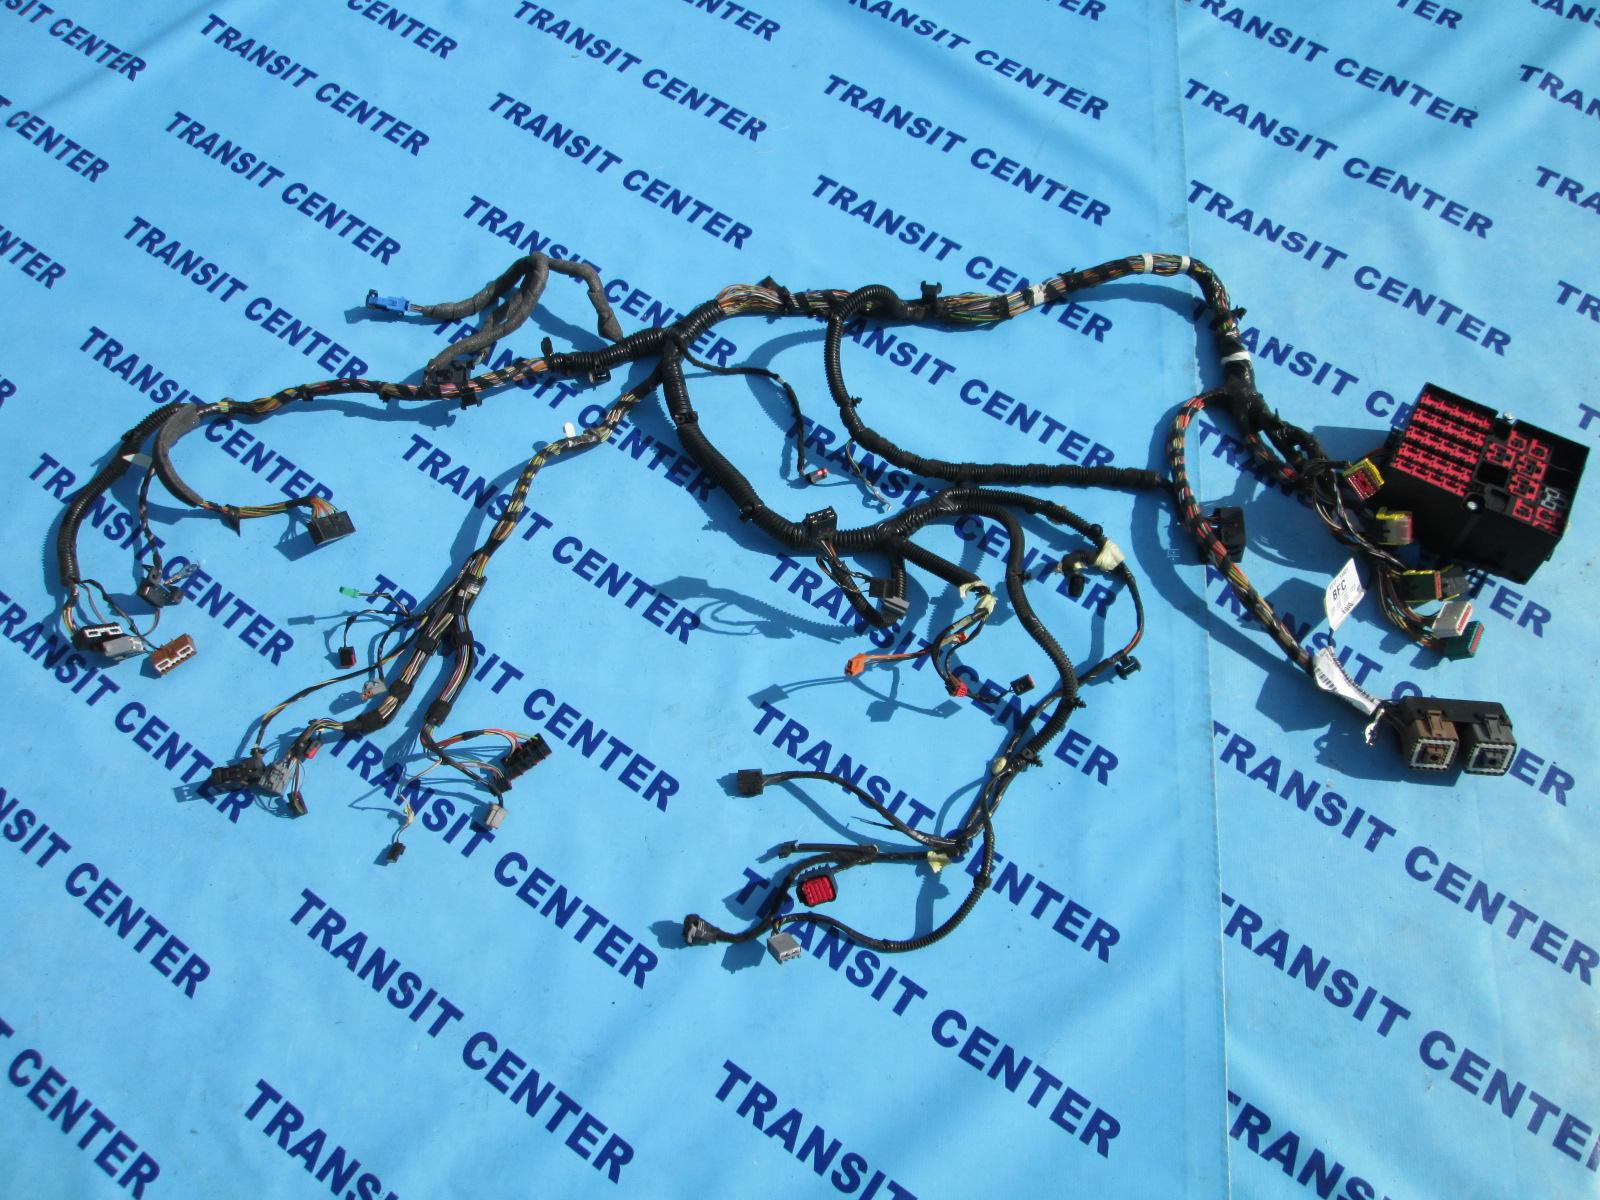 ford transit dashboard wiring loom 4472 dashboard wiring loom harness ford transit connect 2009, rhd ford transit wiring harness leak cause fire at bakdesigns.co